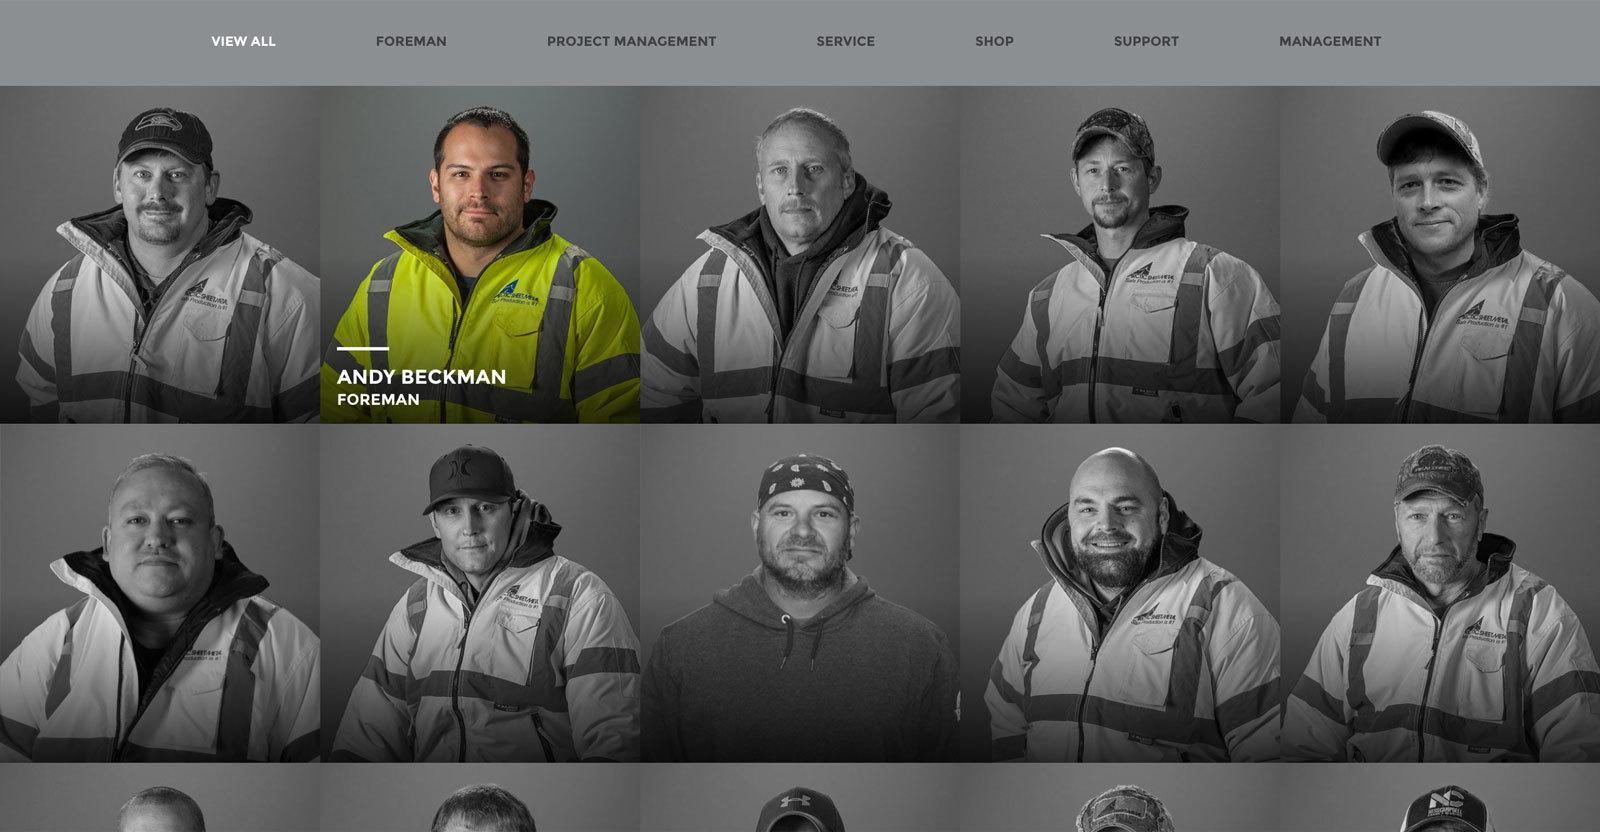 Arctic Sheet Metal - Team Member Focus Color